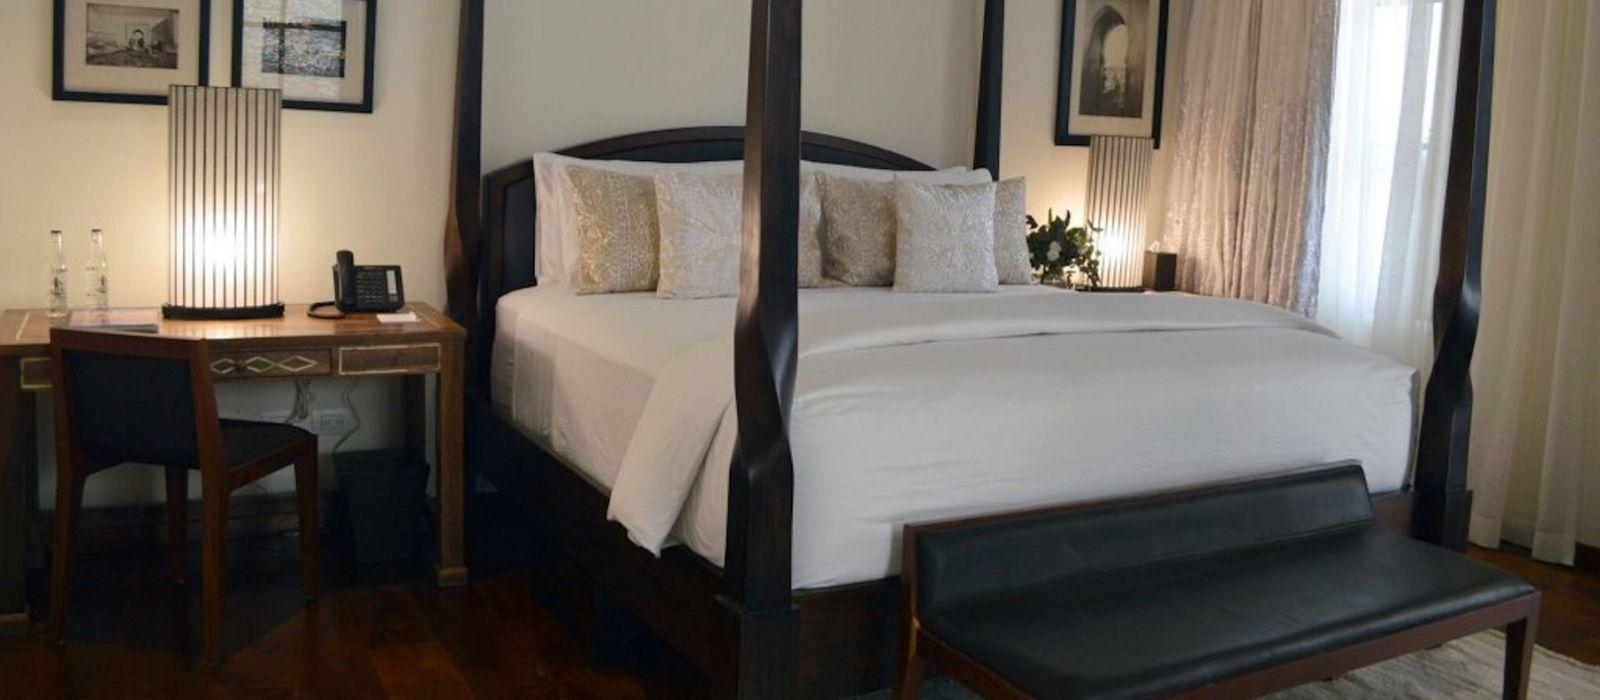 Hotel Casa Blanca 7 Mexico